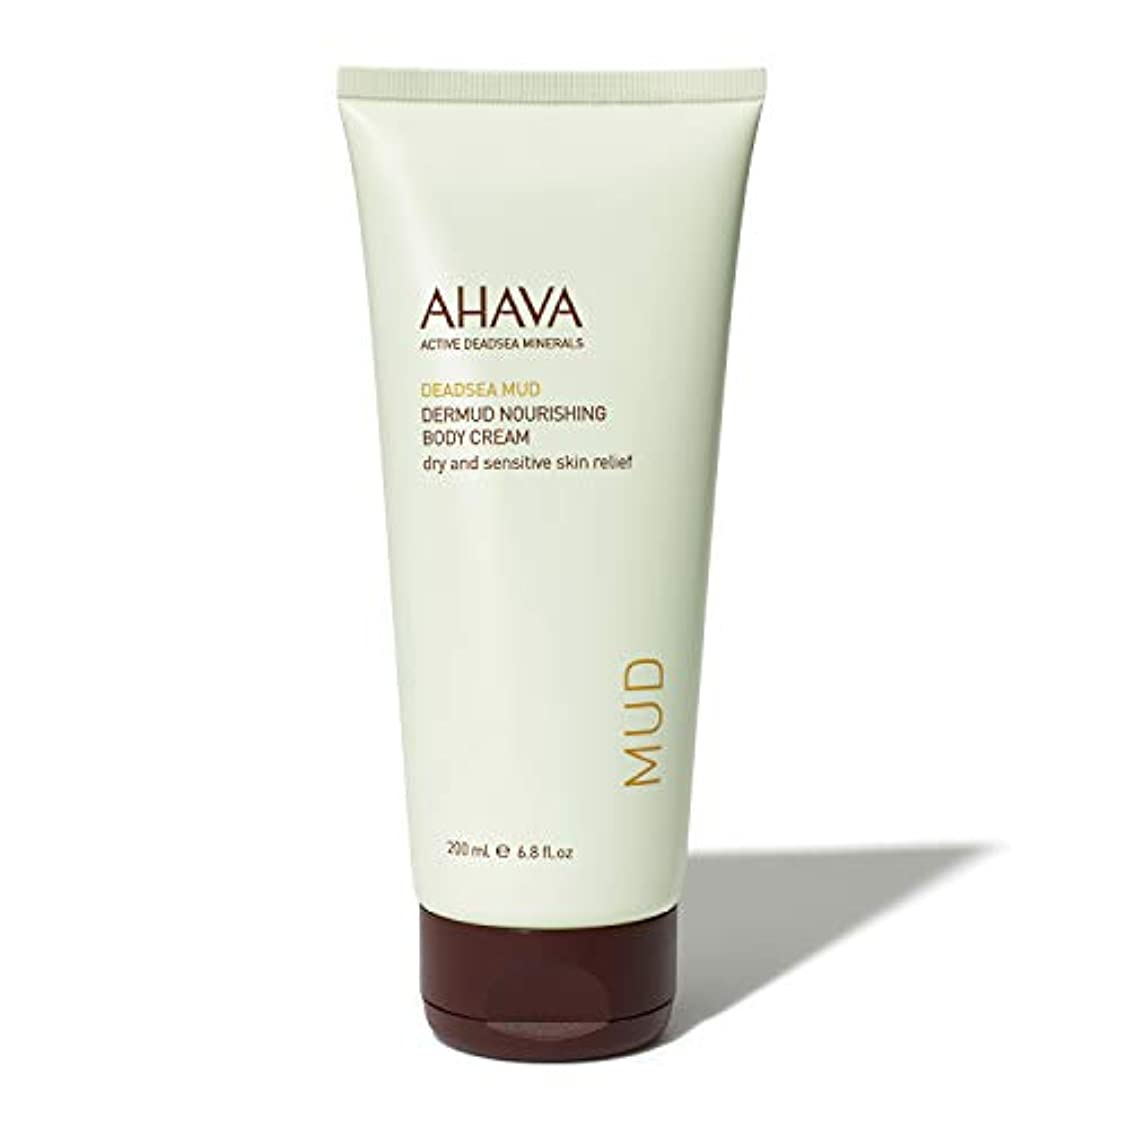 AHAVA Dermud Nourishing Body Cream 200 ml